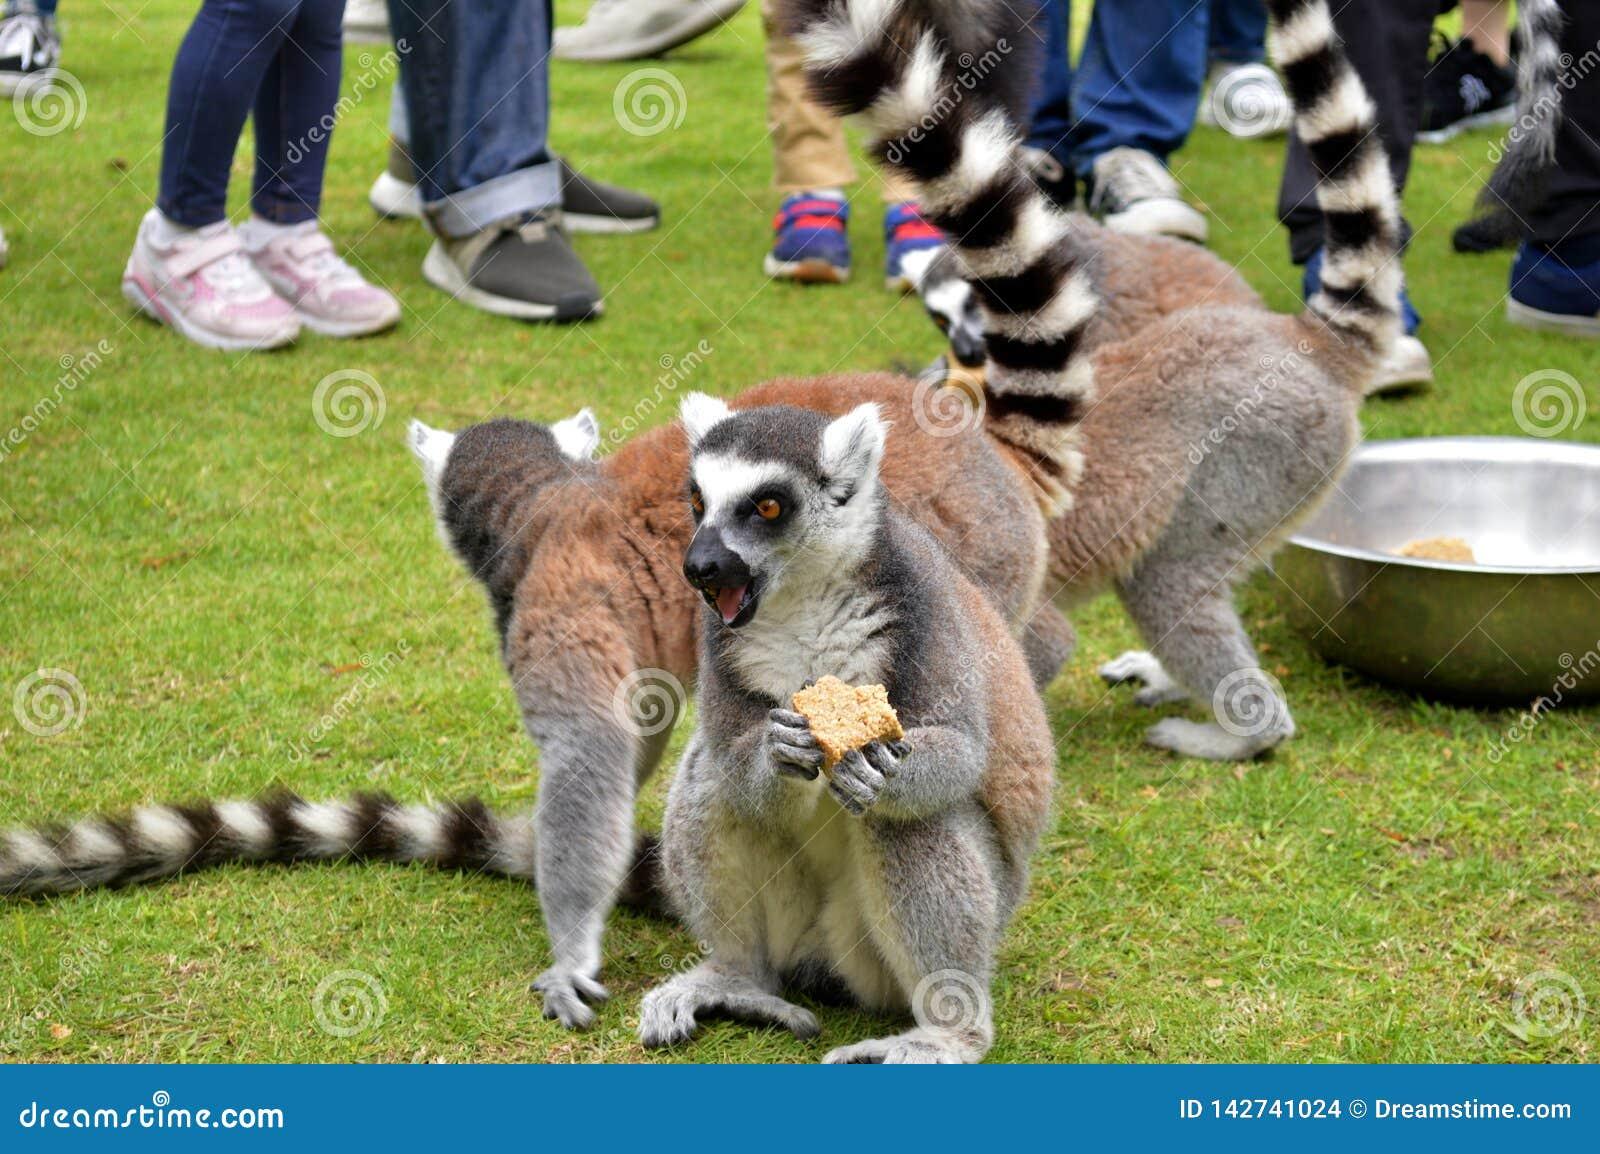 A surprised lemur eating something